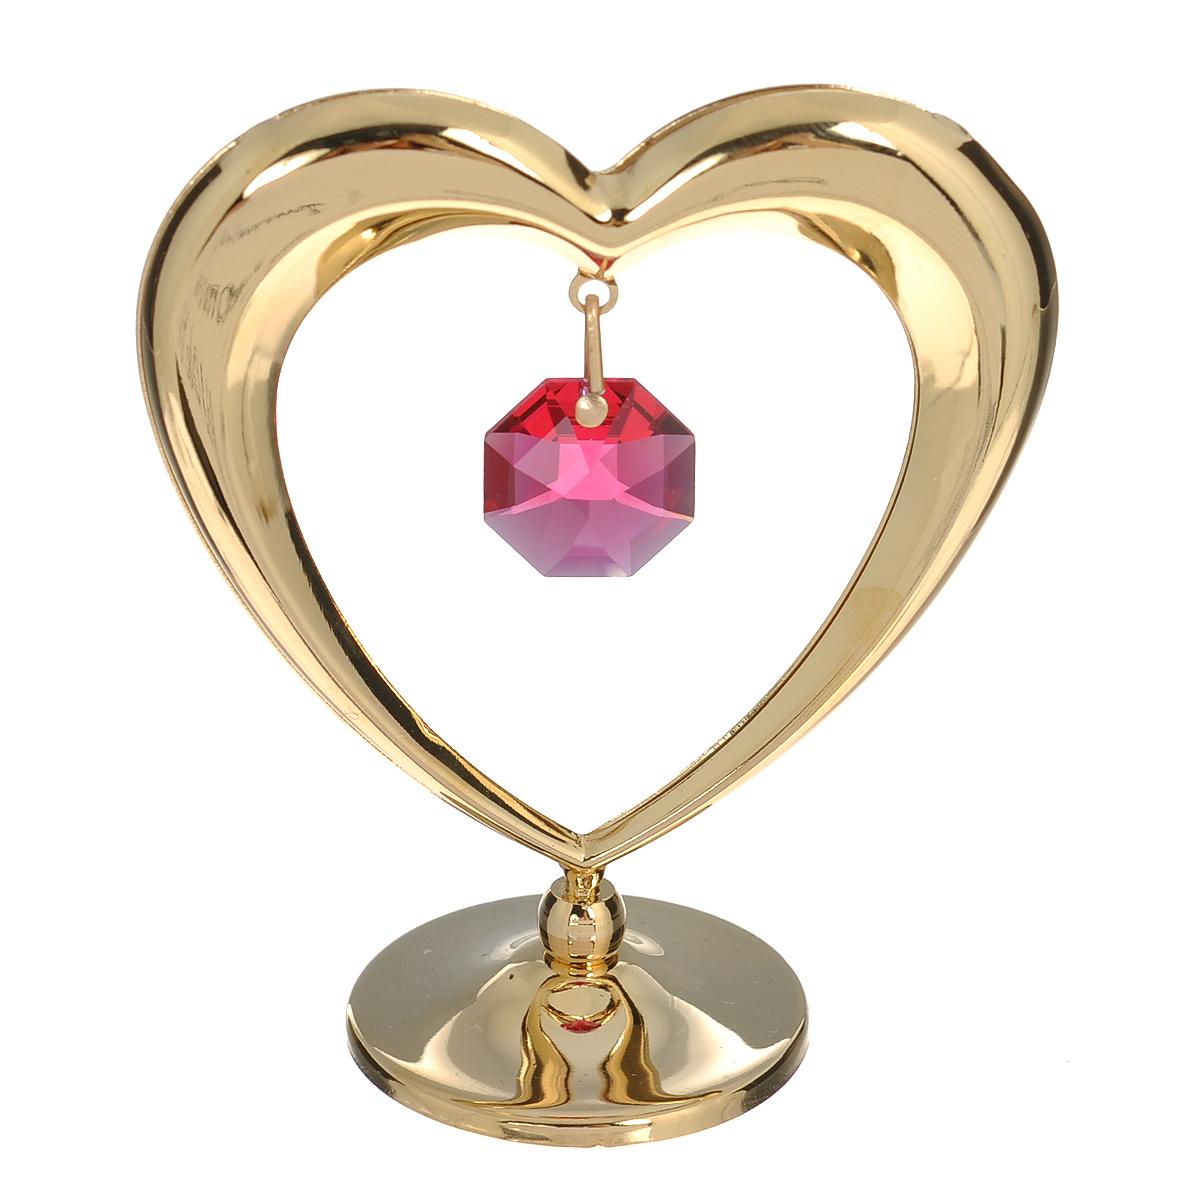 Фигурка декоративная Сердце, цвет: золотистый, красный. 67534IL039Притягательный блеск и невероятная утонченность декоративной фигурки Сердце великолепно дополнят интерьер и, несомненно, не останутся без внимания. Фигурка выполнена из металла в виде сердечка с блестящим золотистым покрытием на шаровидной подставке и украшена кристаллом Swarovski. Декоративная фигурка Сердце послужит прекрасным подарком ценителю изысканных и элегантных вещиц. Характеристики:Материал: металл, кристаллы Swarovski. Размер фигурки: 6 см х 0,5 см х 7 см. Цвет: золотистый, красный. Артикул: 67534.